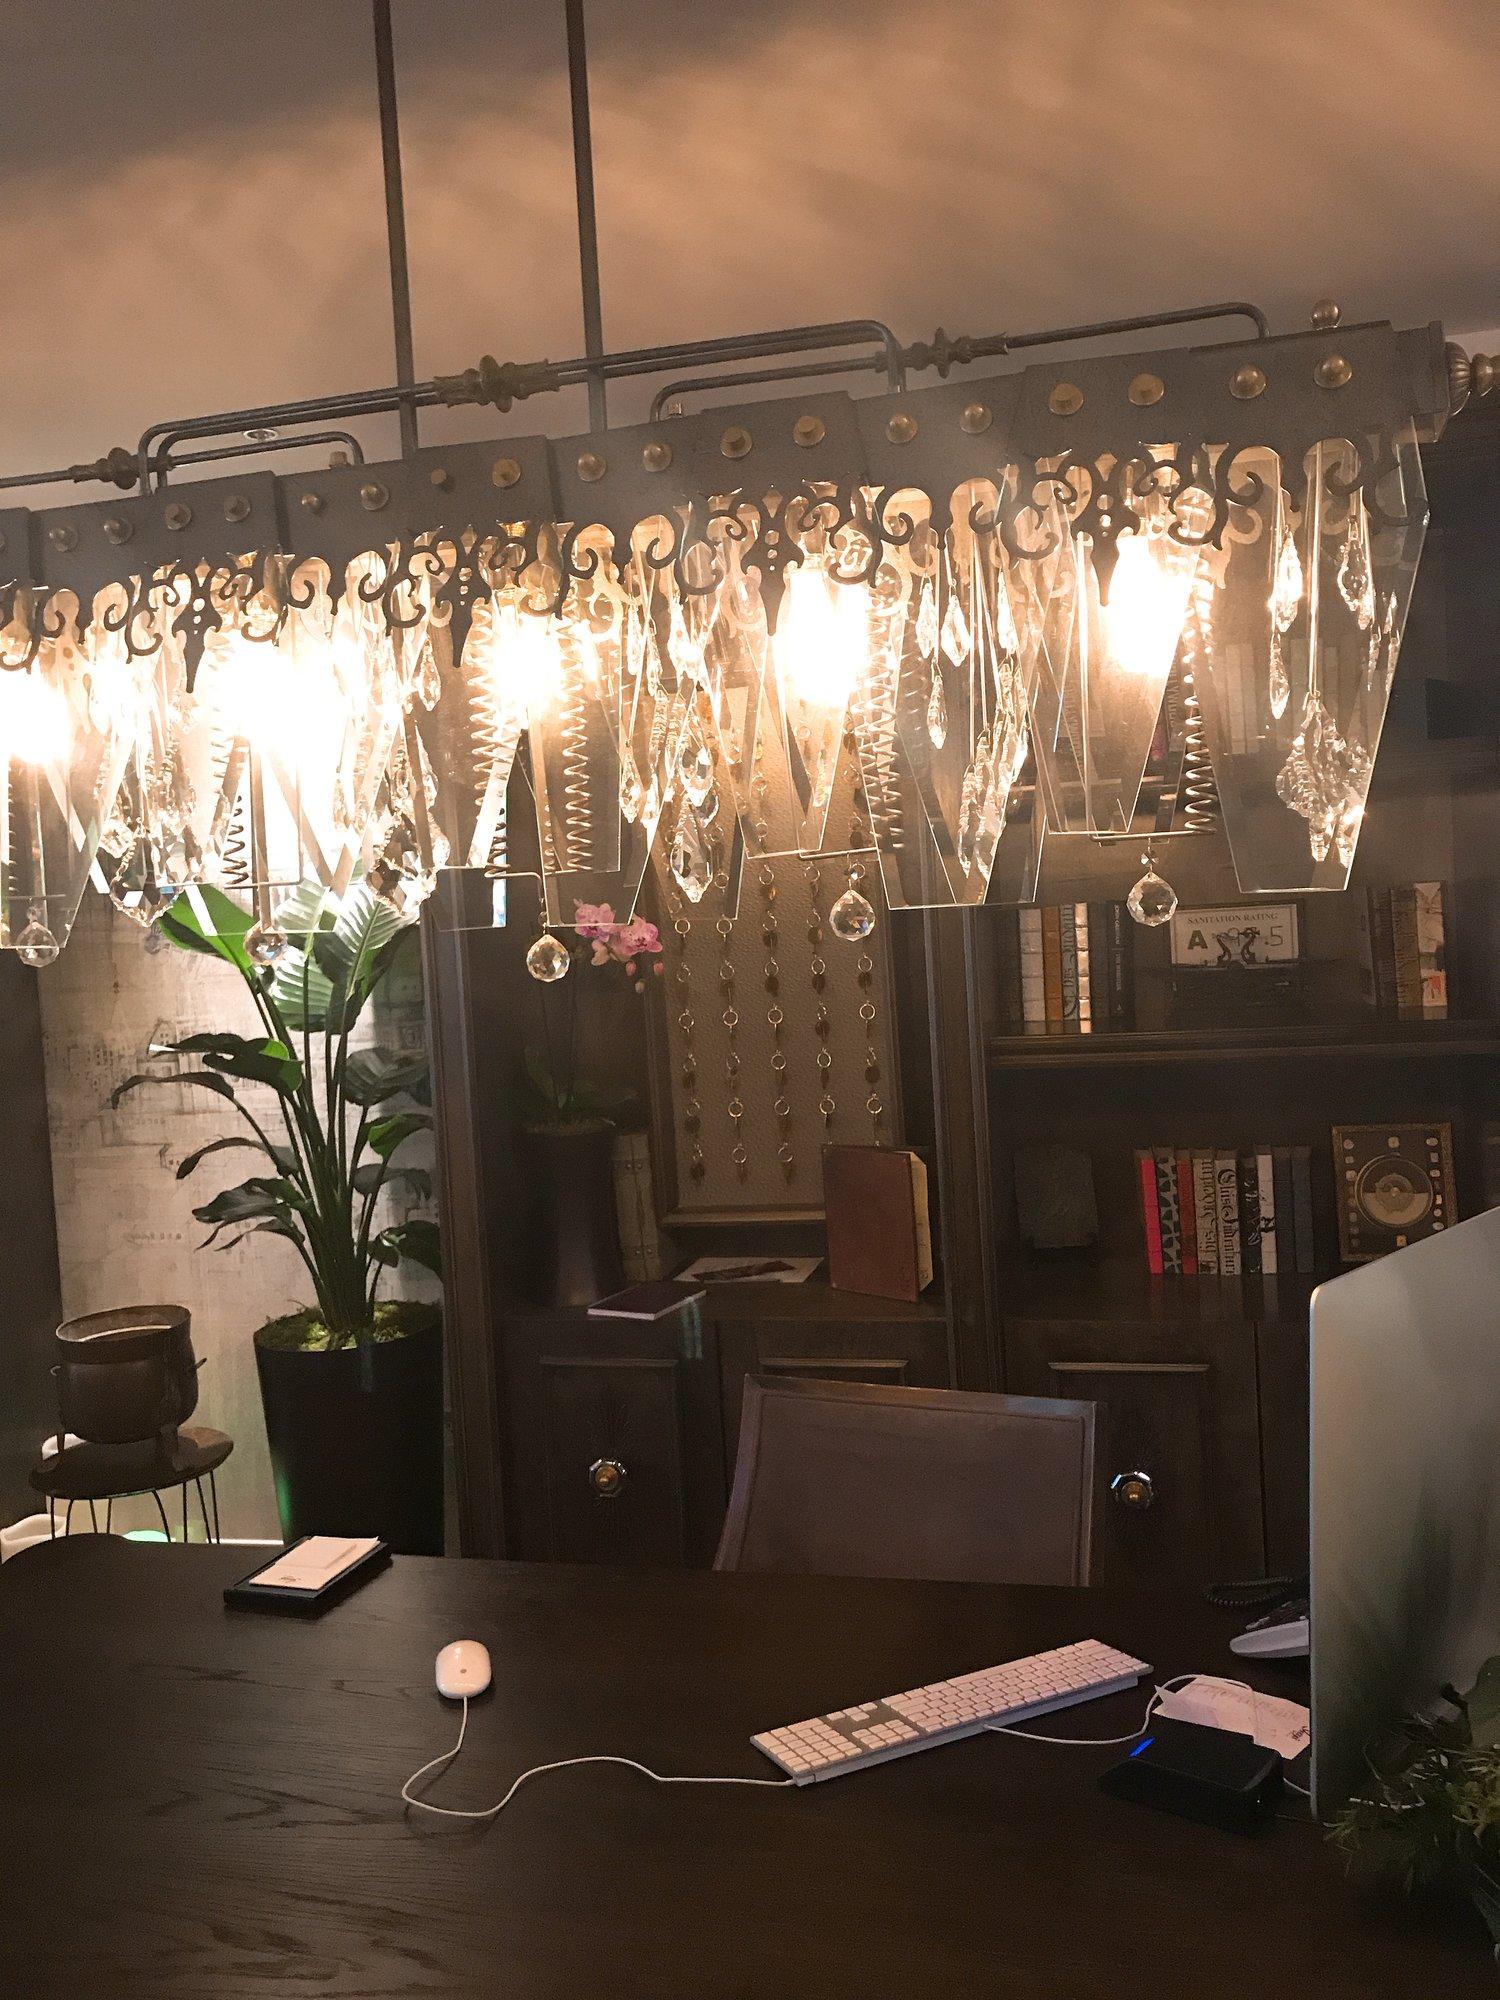 Front desk lighting